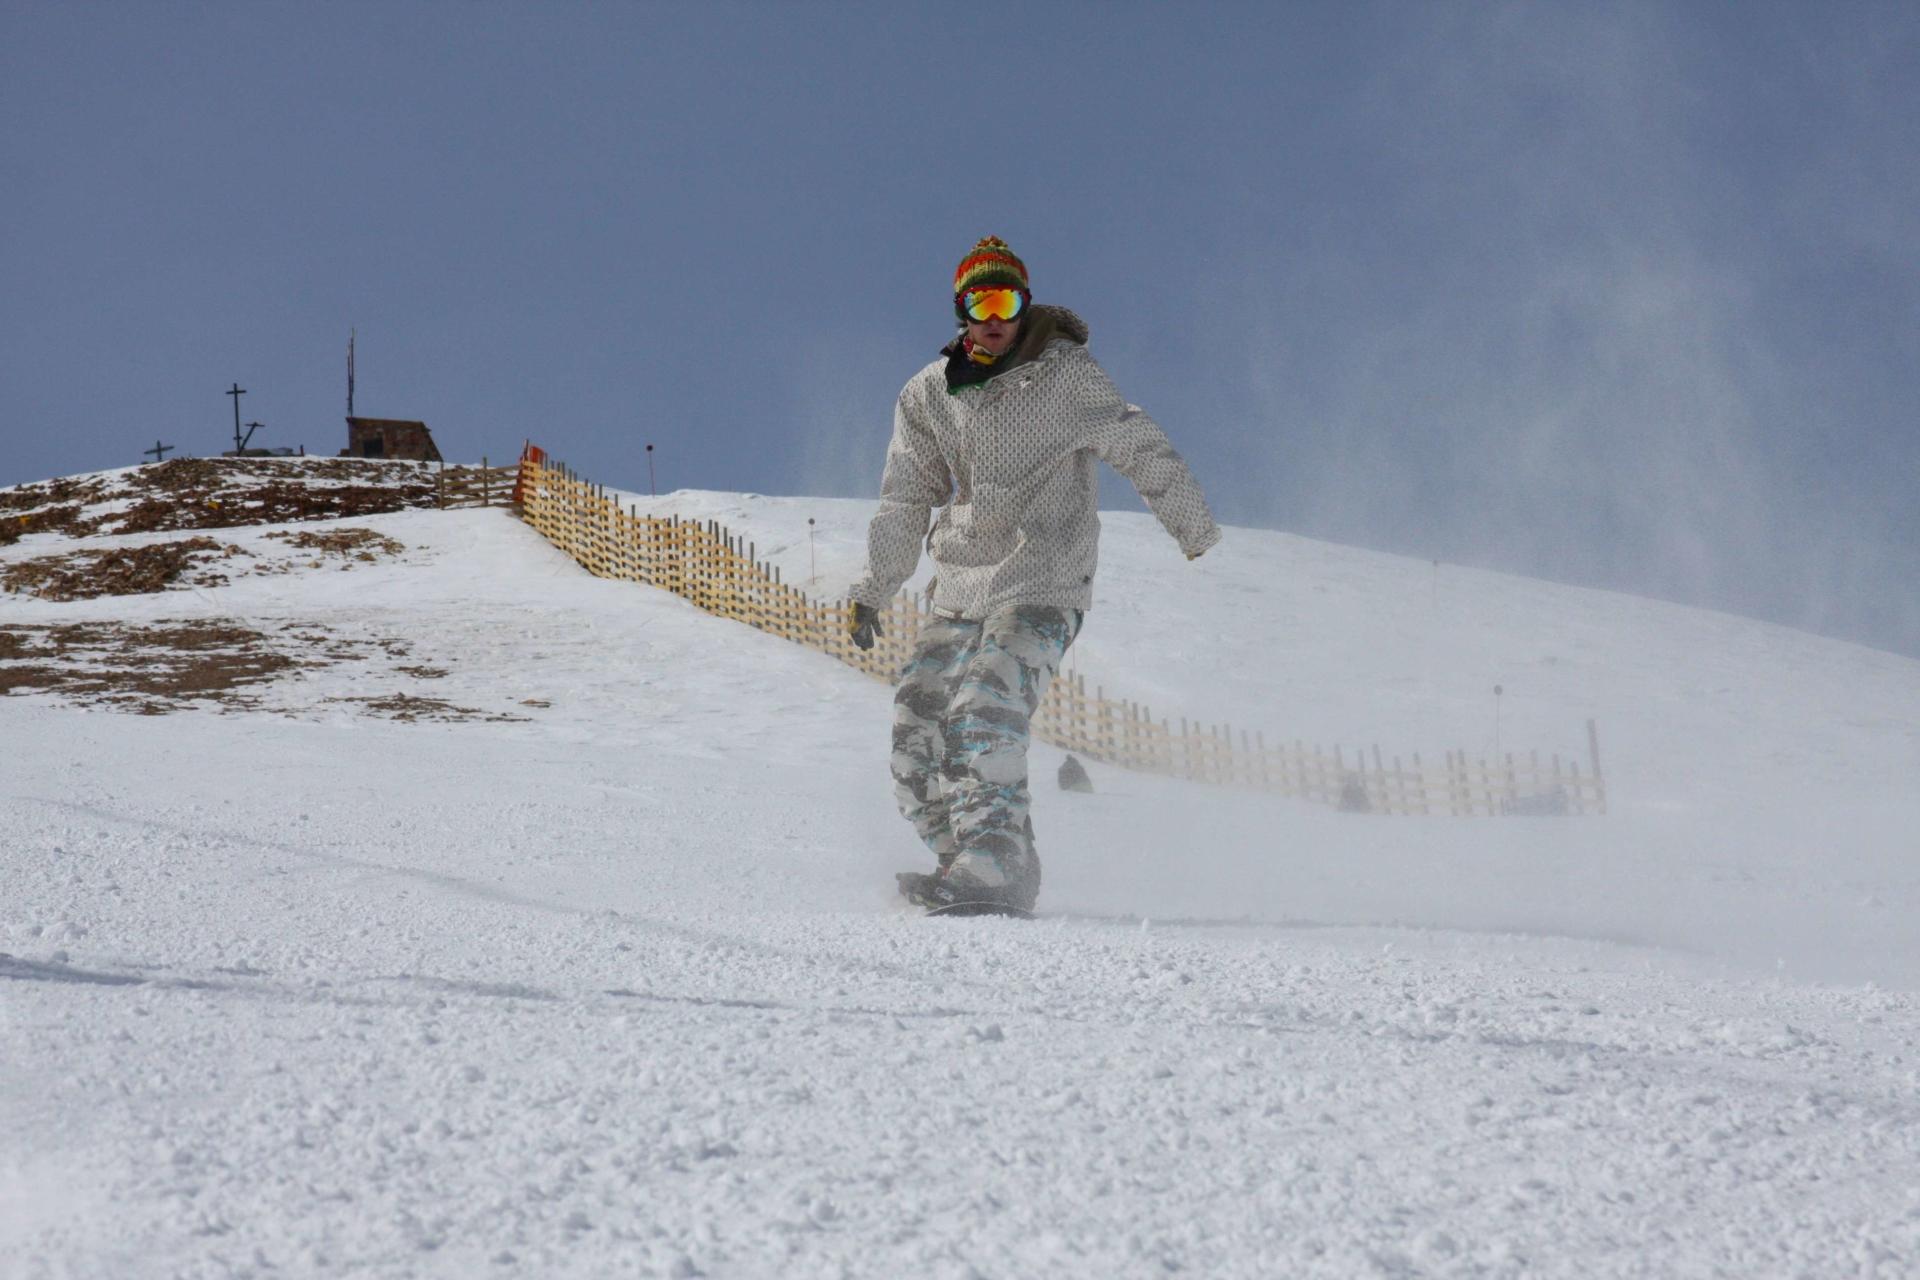 ski-portillo-chili